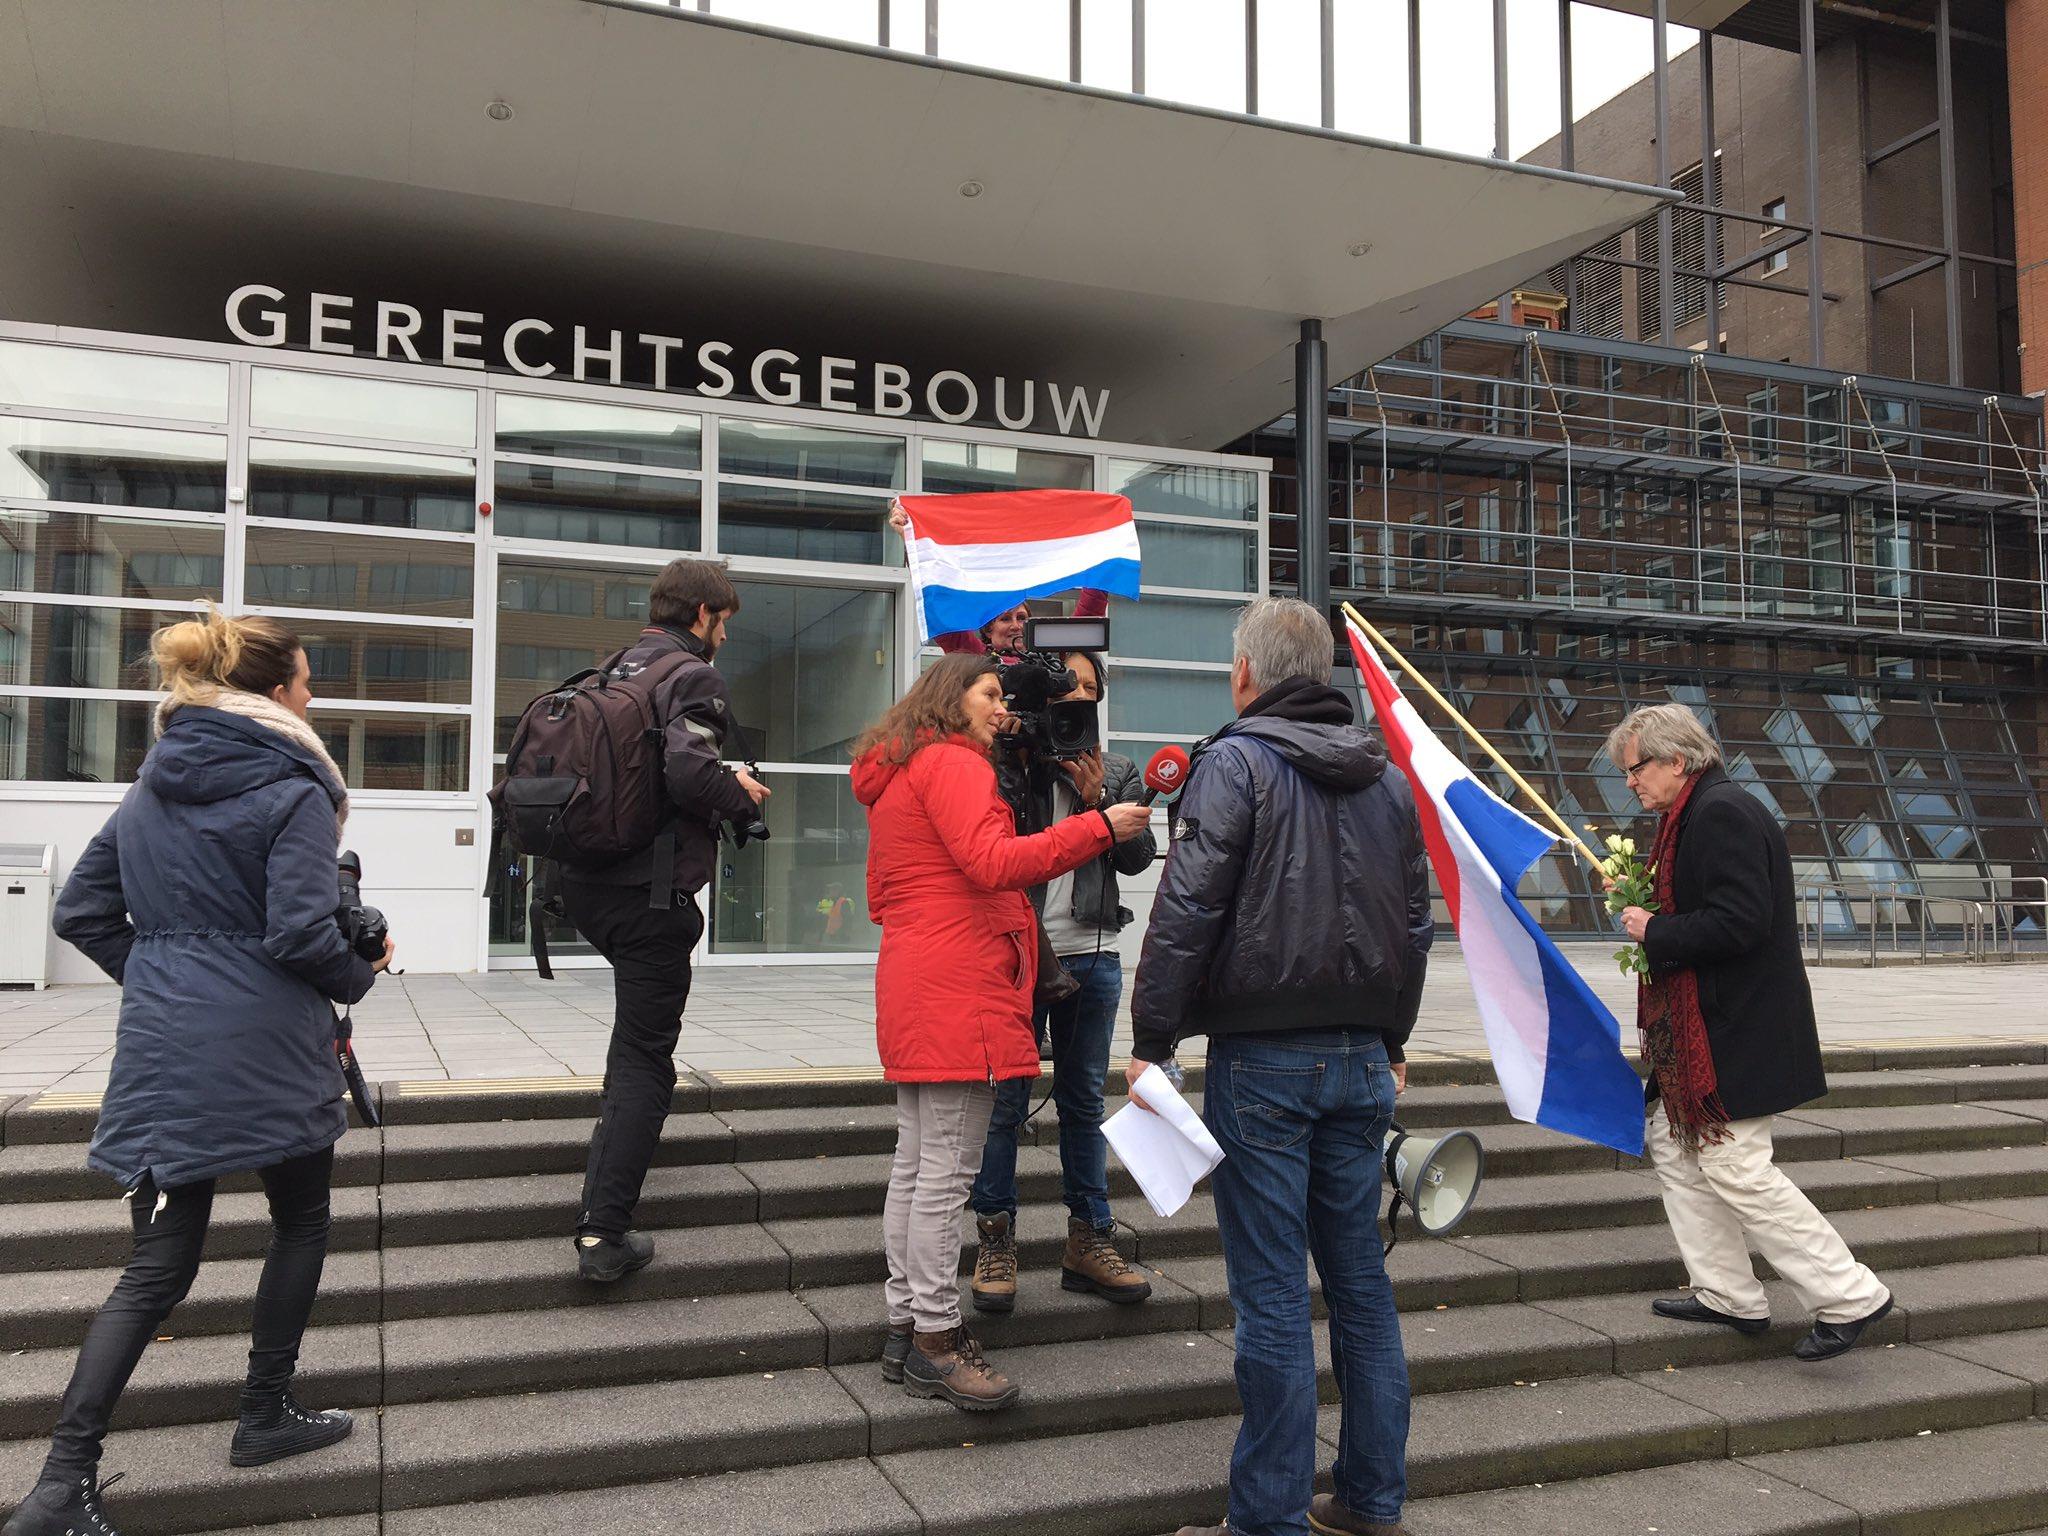 Mars van Pegida stopt op de trappen van de Utrechtse rechtbank. Daar gaat Wagensveld nu speechen. https://t.co/ueapikjGMb